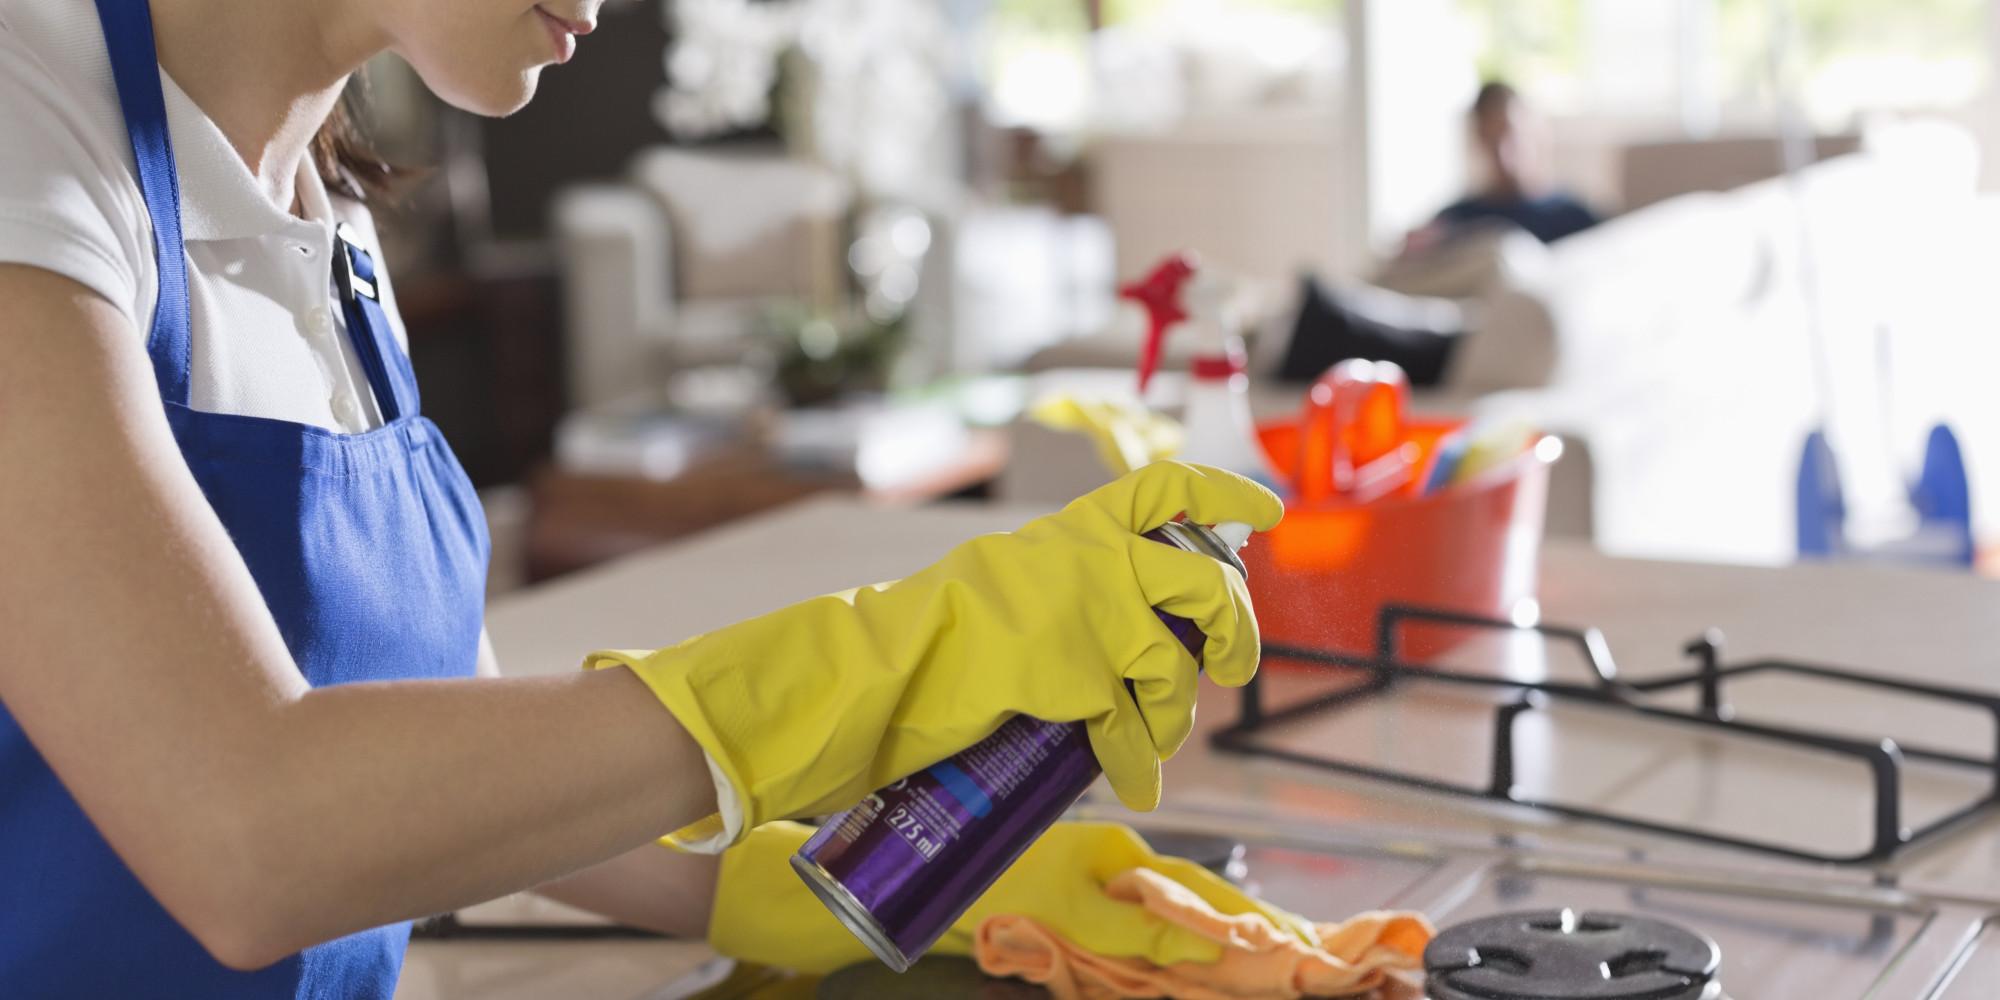 بالصور تنظيف المطبخ , احلي صور لنظافة مطبخك 5211 7